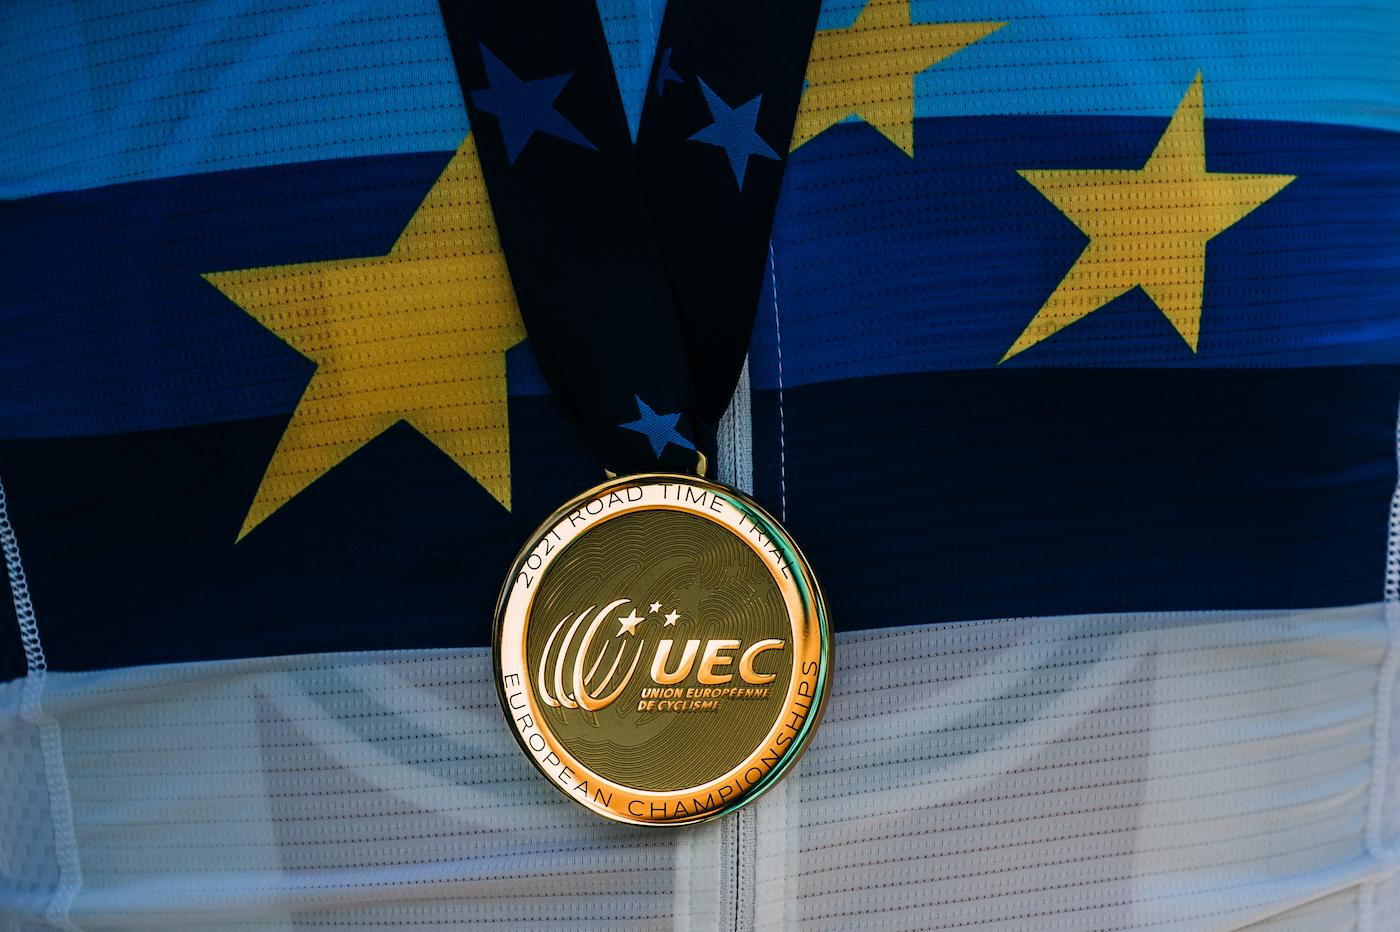 אליפות אירופה כביש